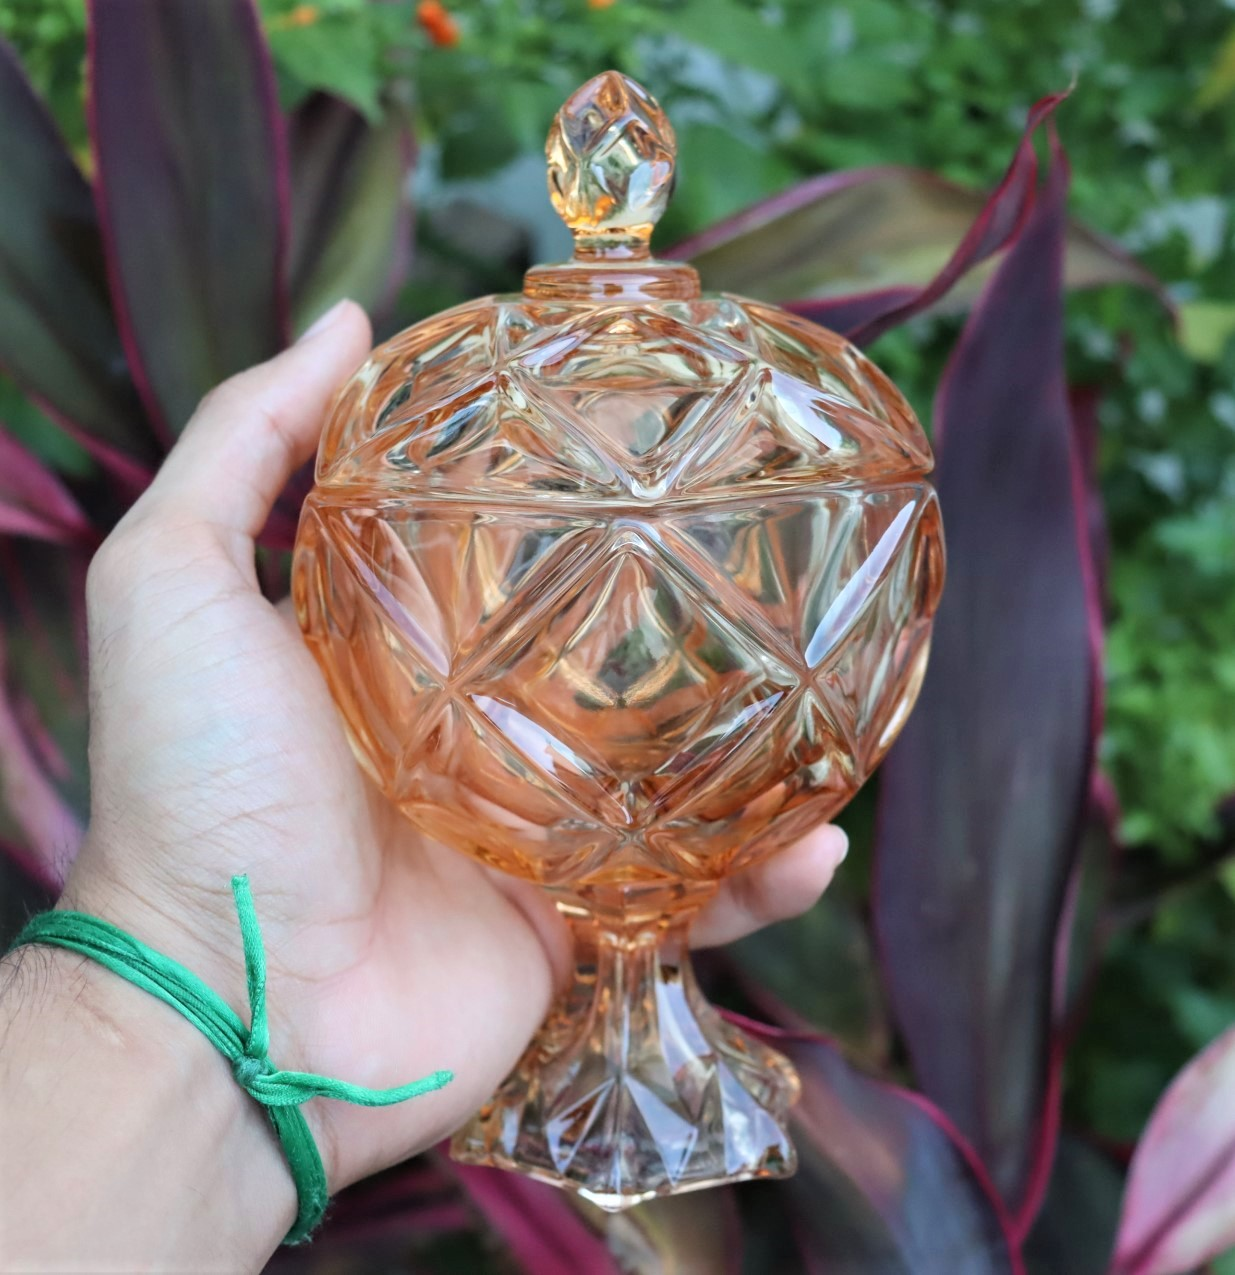 bomboniere de vidro potiche cristal baleiro enfeite decorativo ambar